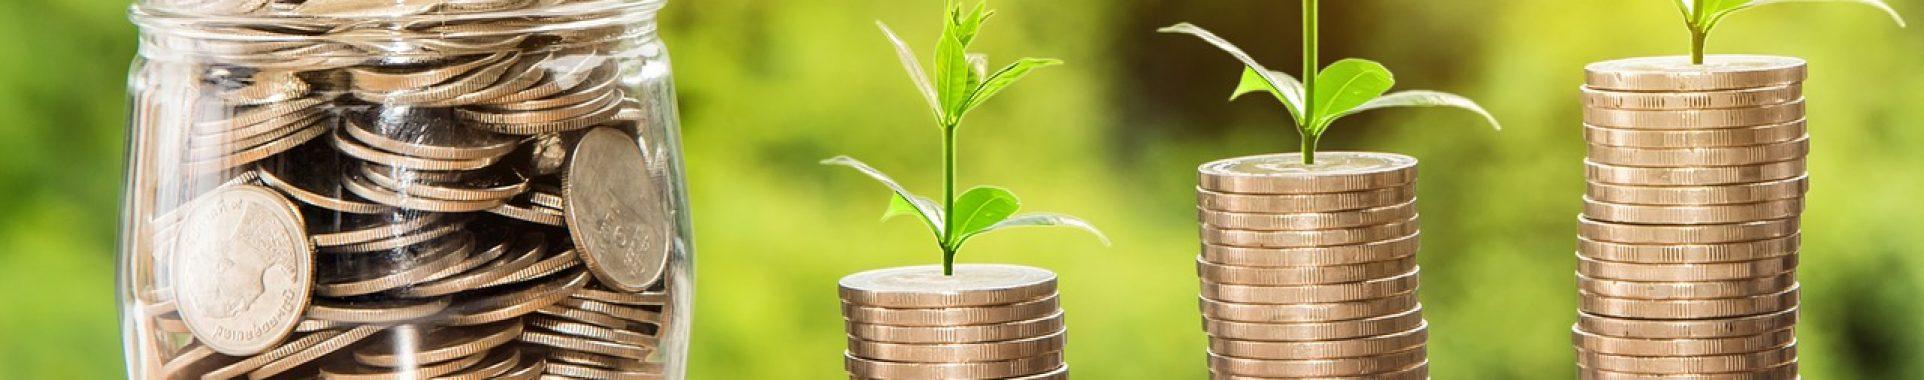 Ventajas para las Pymes de auditar las cuentas anuales de forma voluntaria. - Asesores mercantiles en pamplona